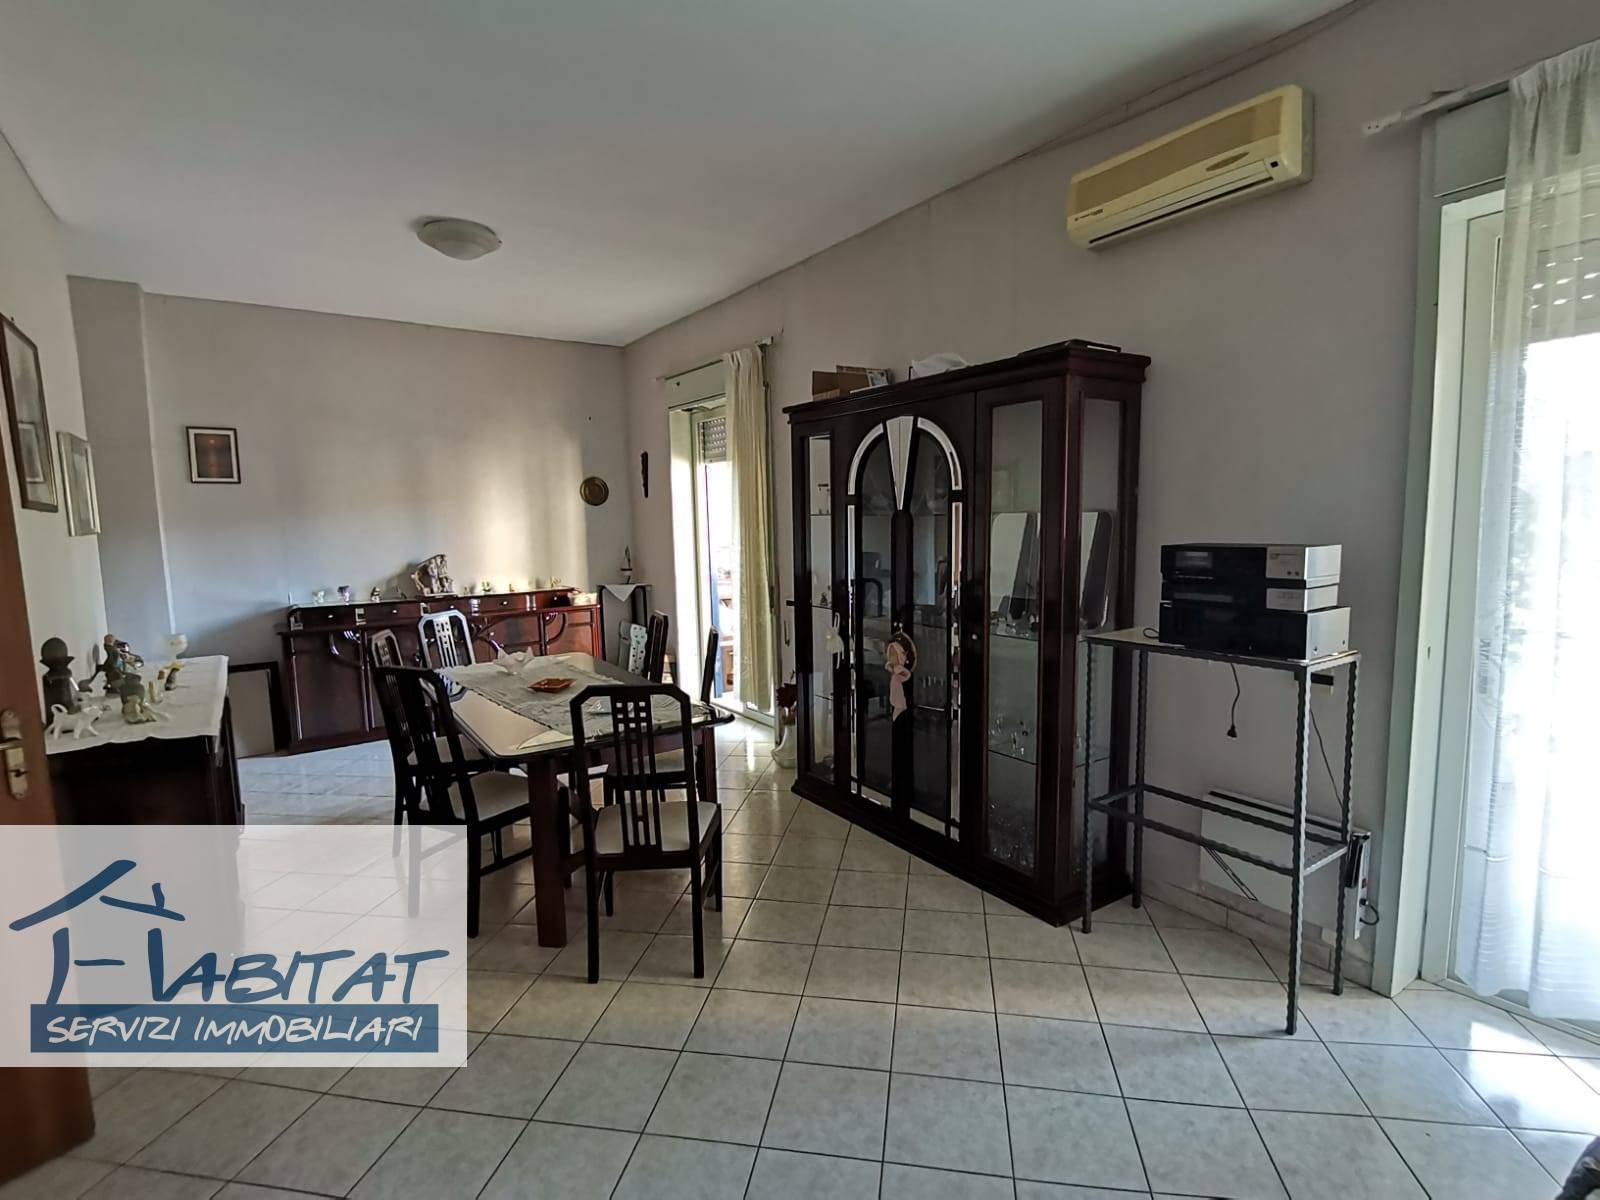 Appartamento in vendita a Agrigento, 5 locali, zona anelle, prezzo € 70.000 | PortaleAgenzieImmobiliari.it